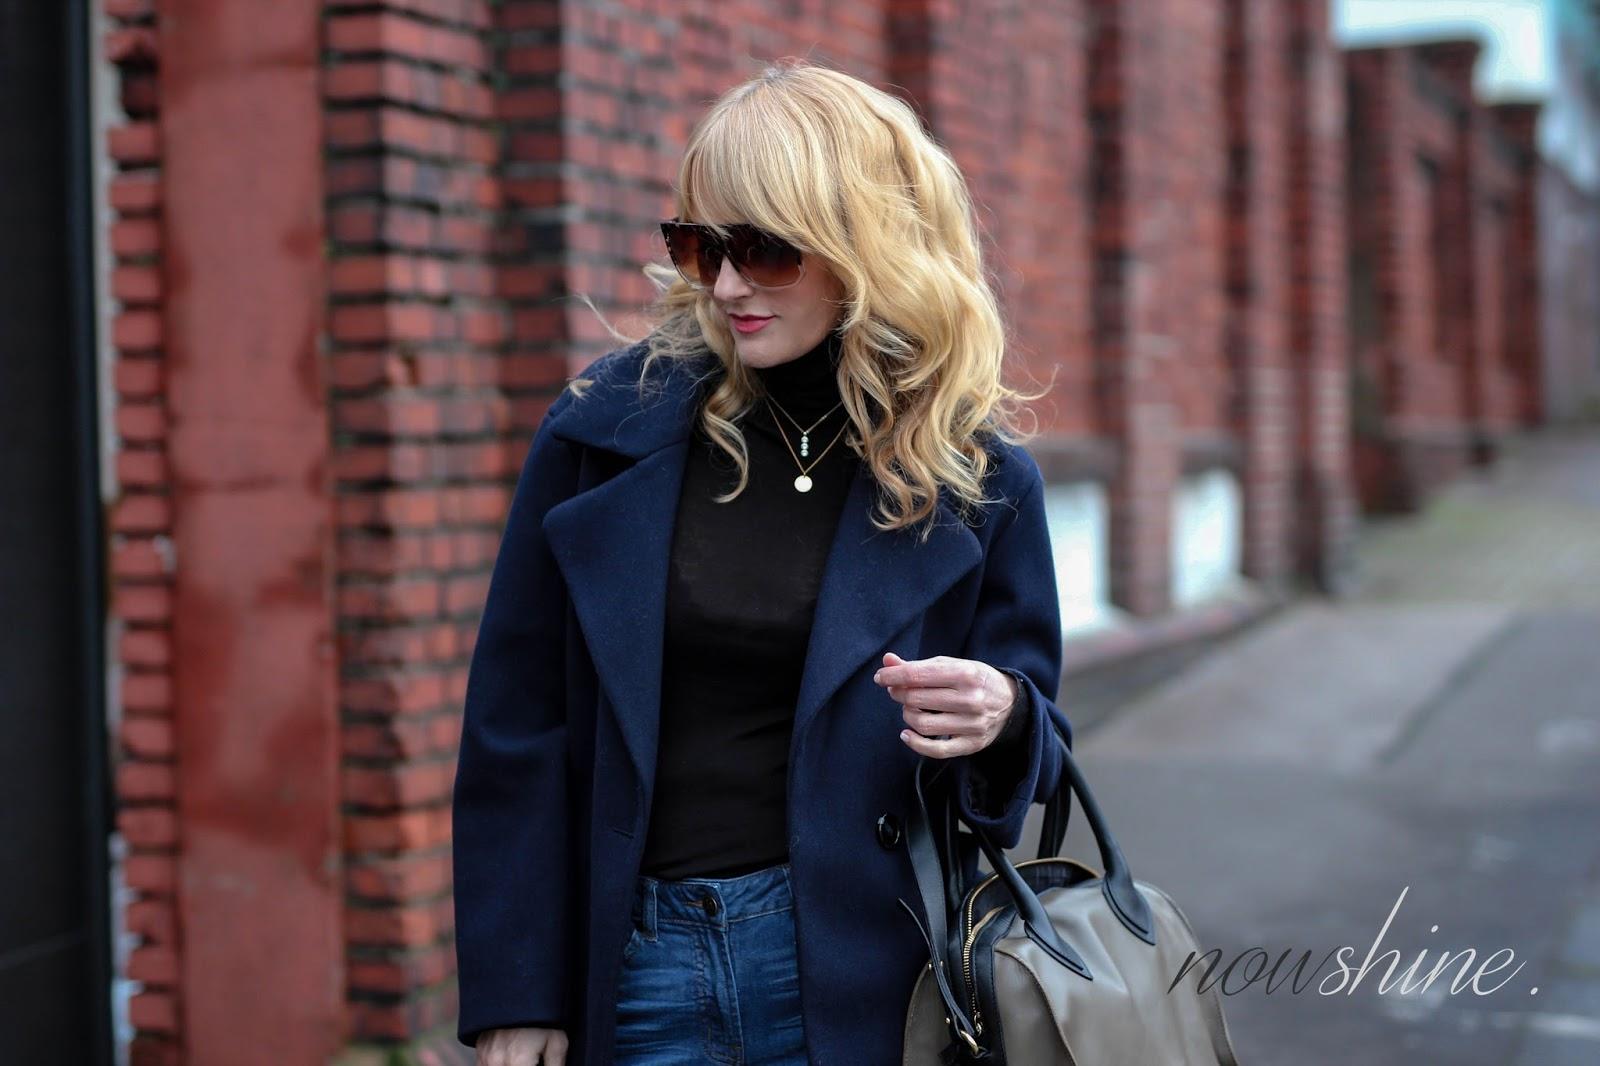 Nowshine ü40 Blog trägt einen Mantel von Mango, Jeans von WENZ